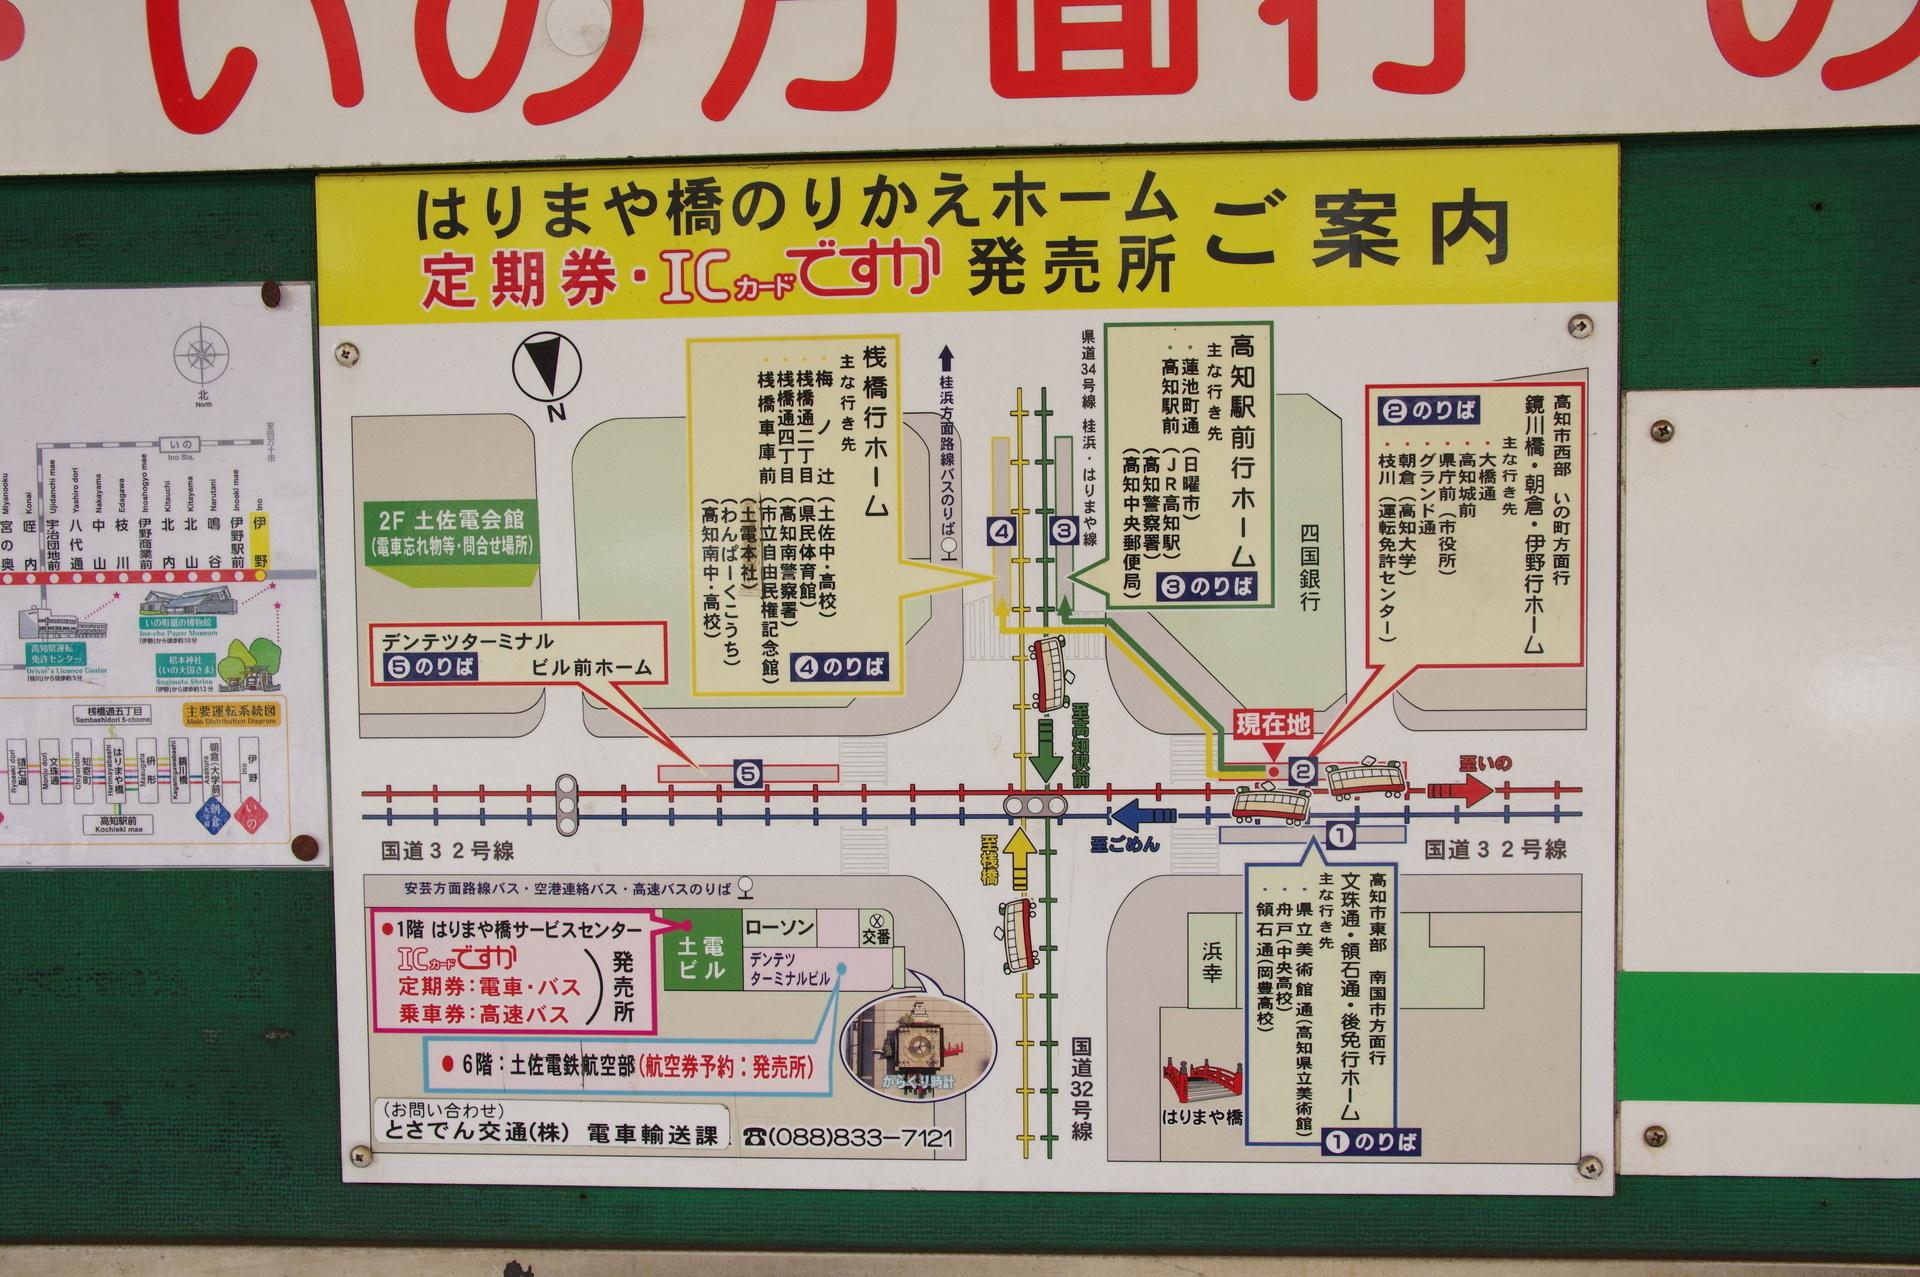 はりまや橋駅の乗り換えホーム案内掲示板